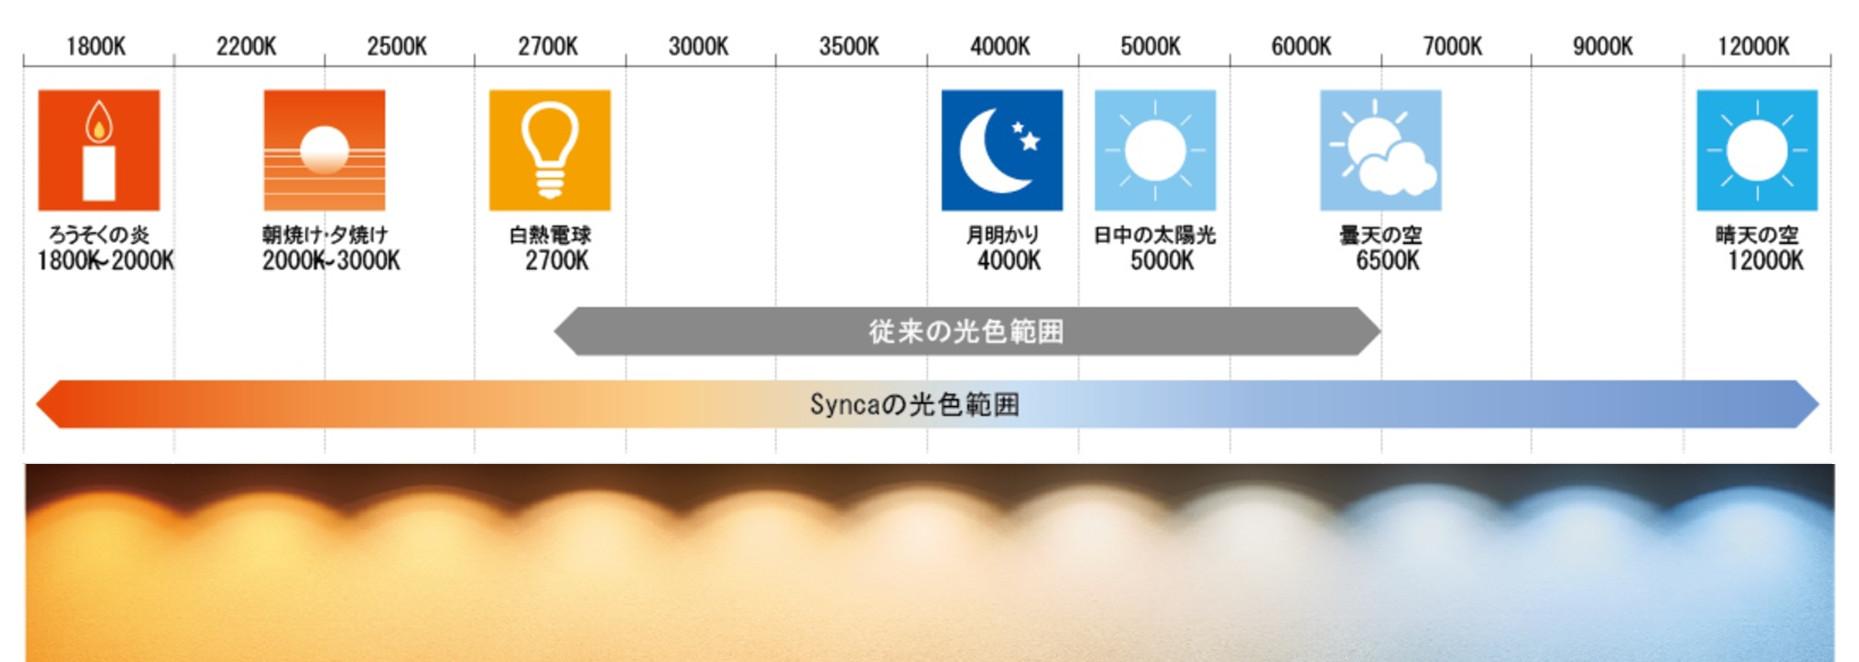 「Synca」の幅広い色温度範囲